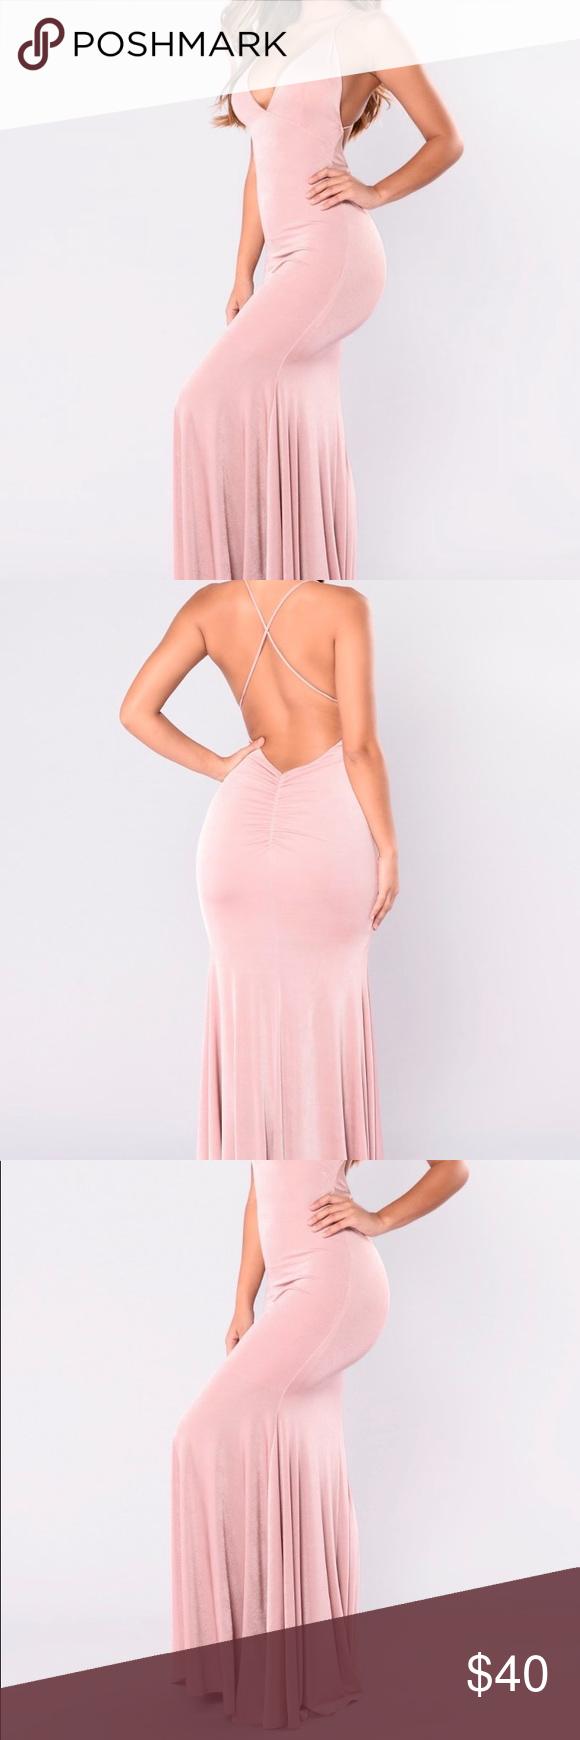 Blush Max dress V Neck with low back maxi dress Fashion Nova Dresses Maxi